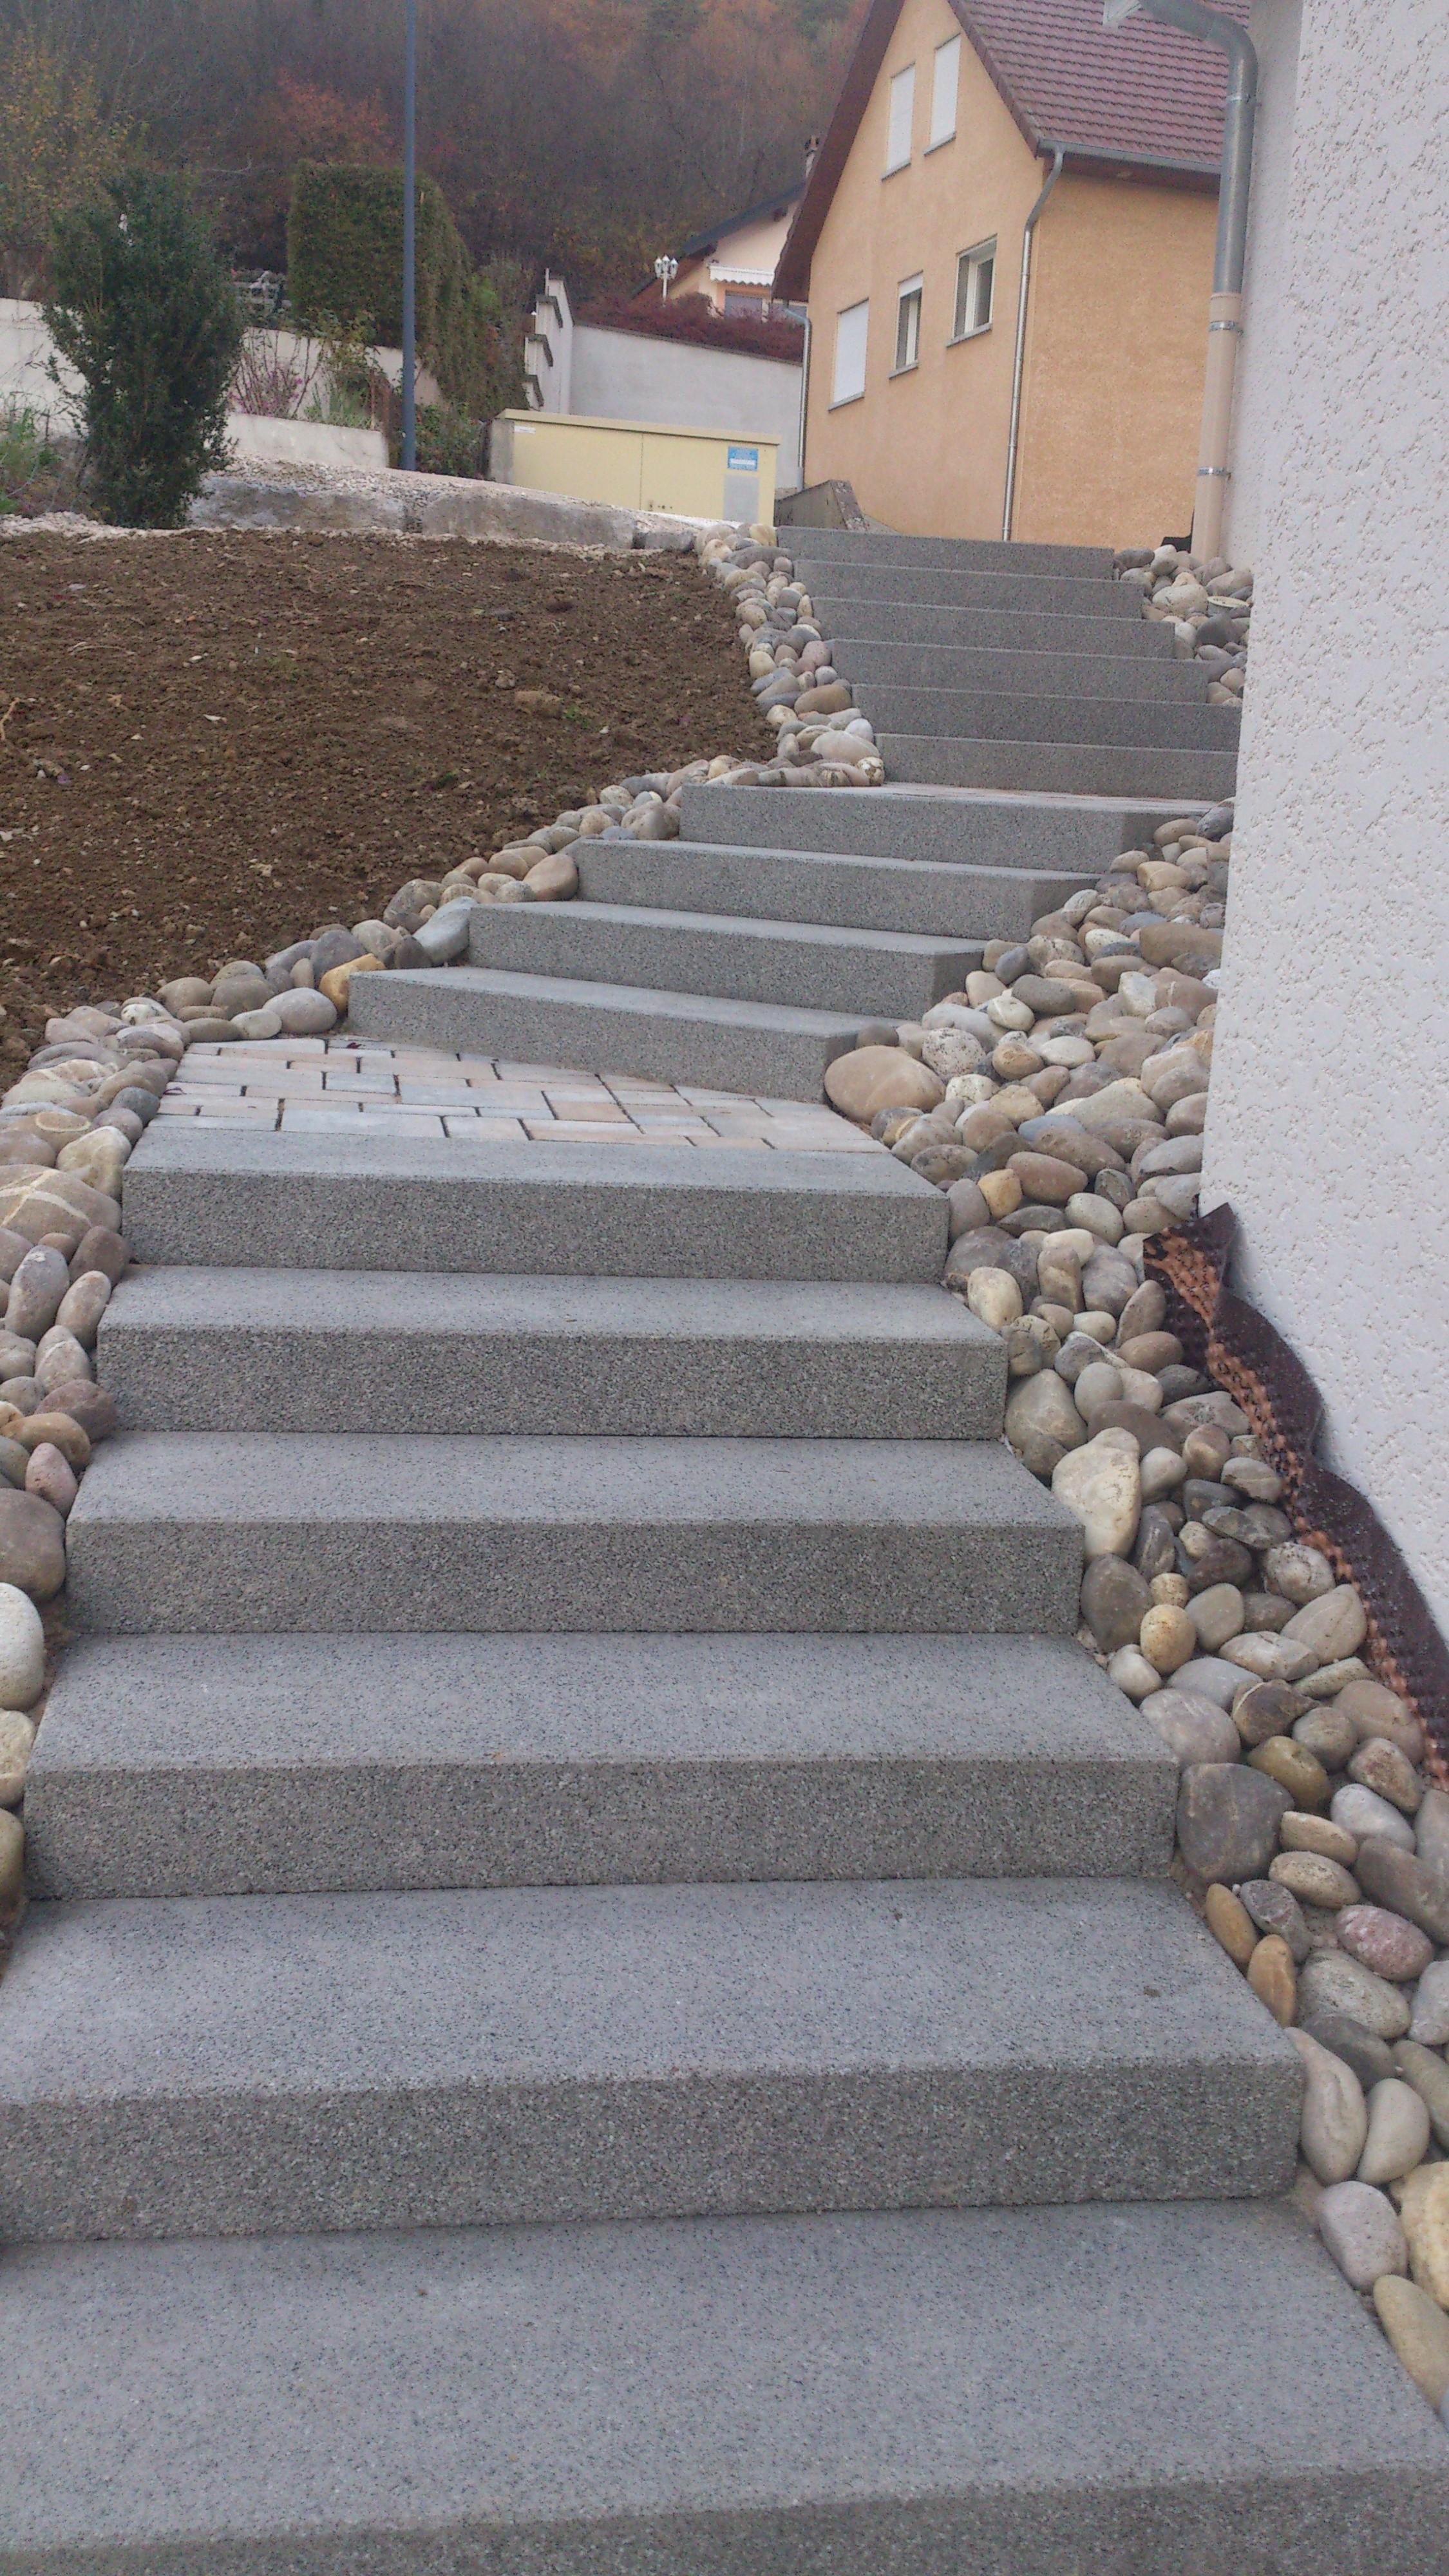 Bloc marche escalier exterieur escalier granit exterieur for Escalier exterieur granit